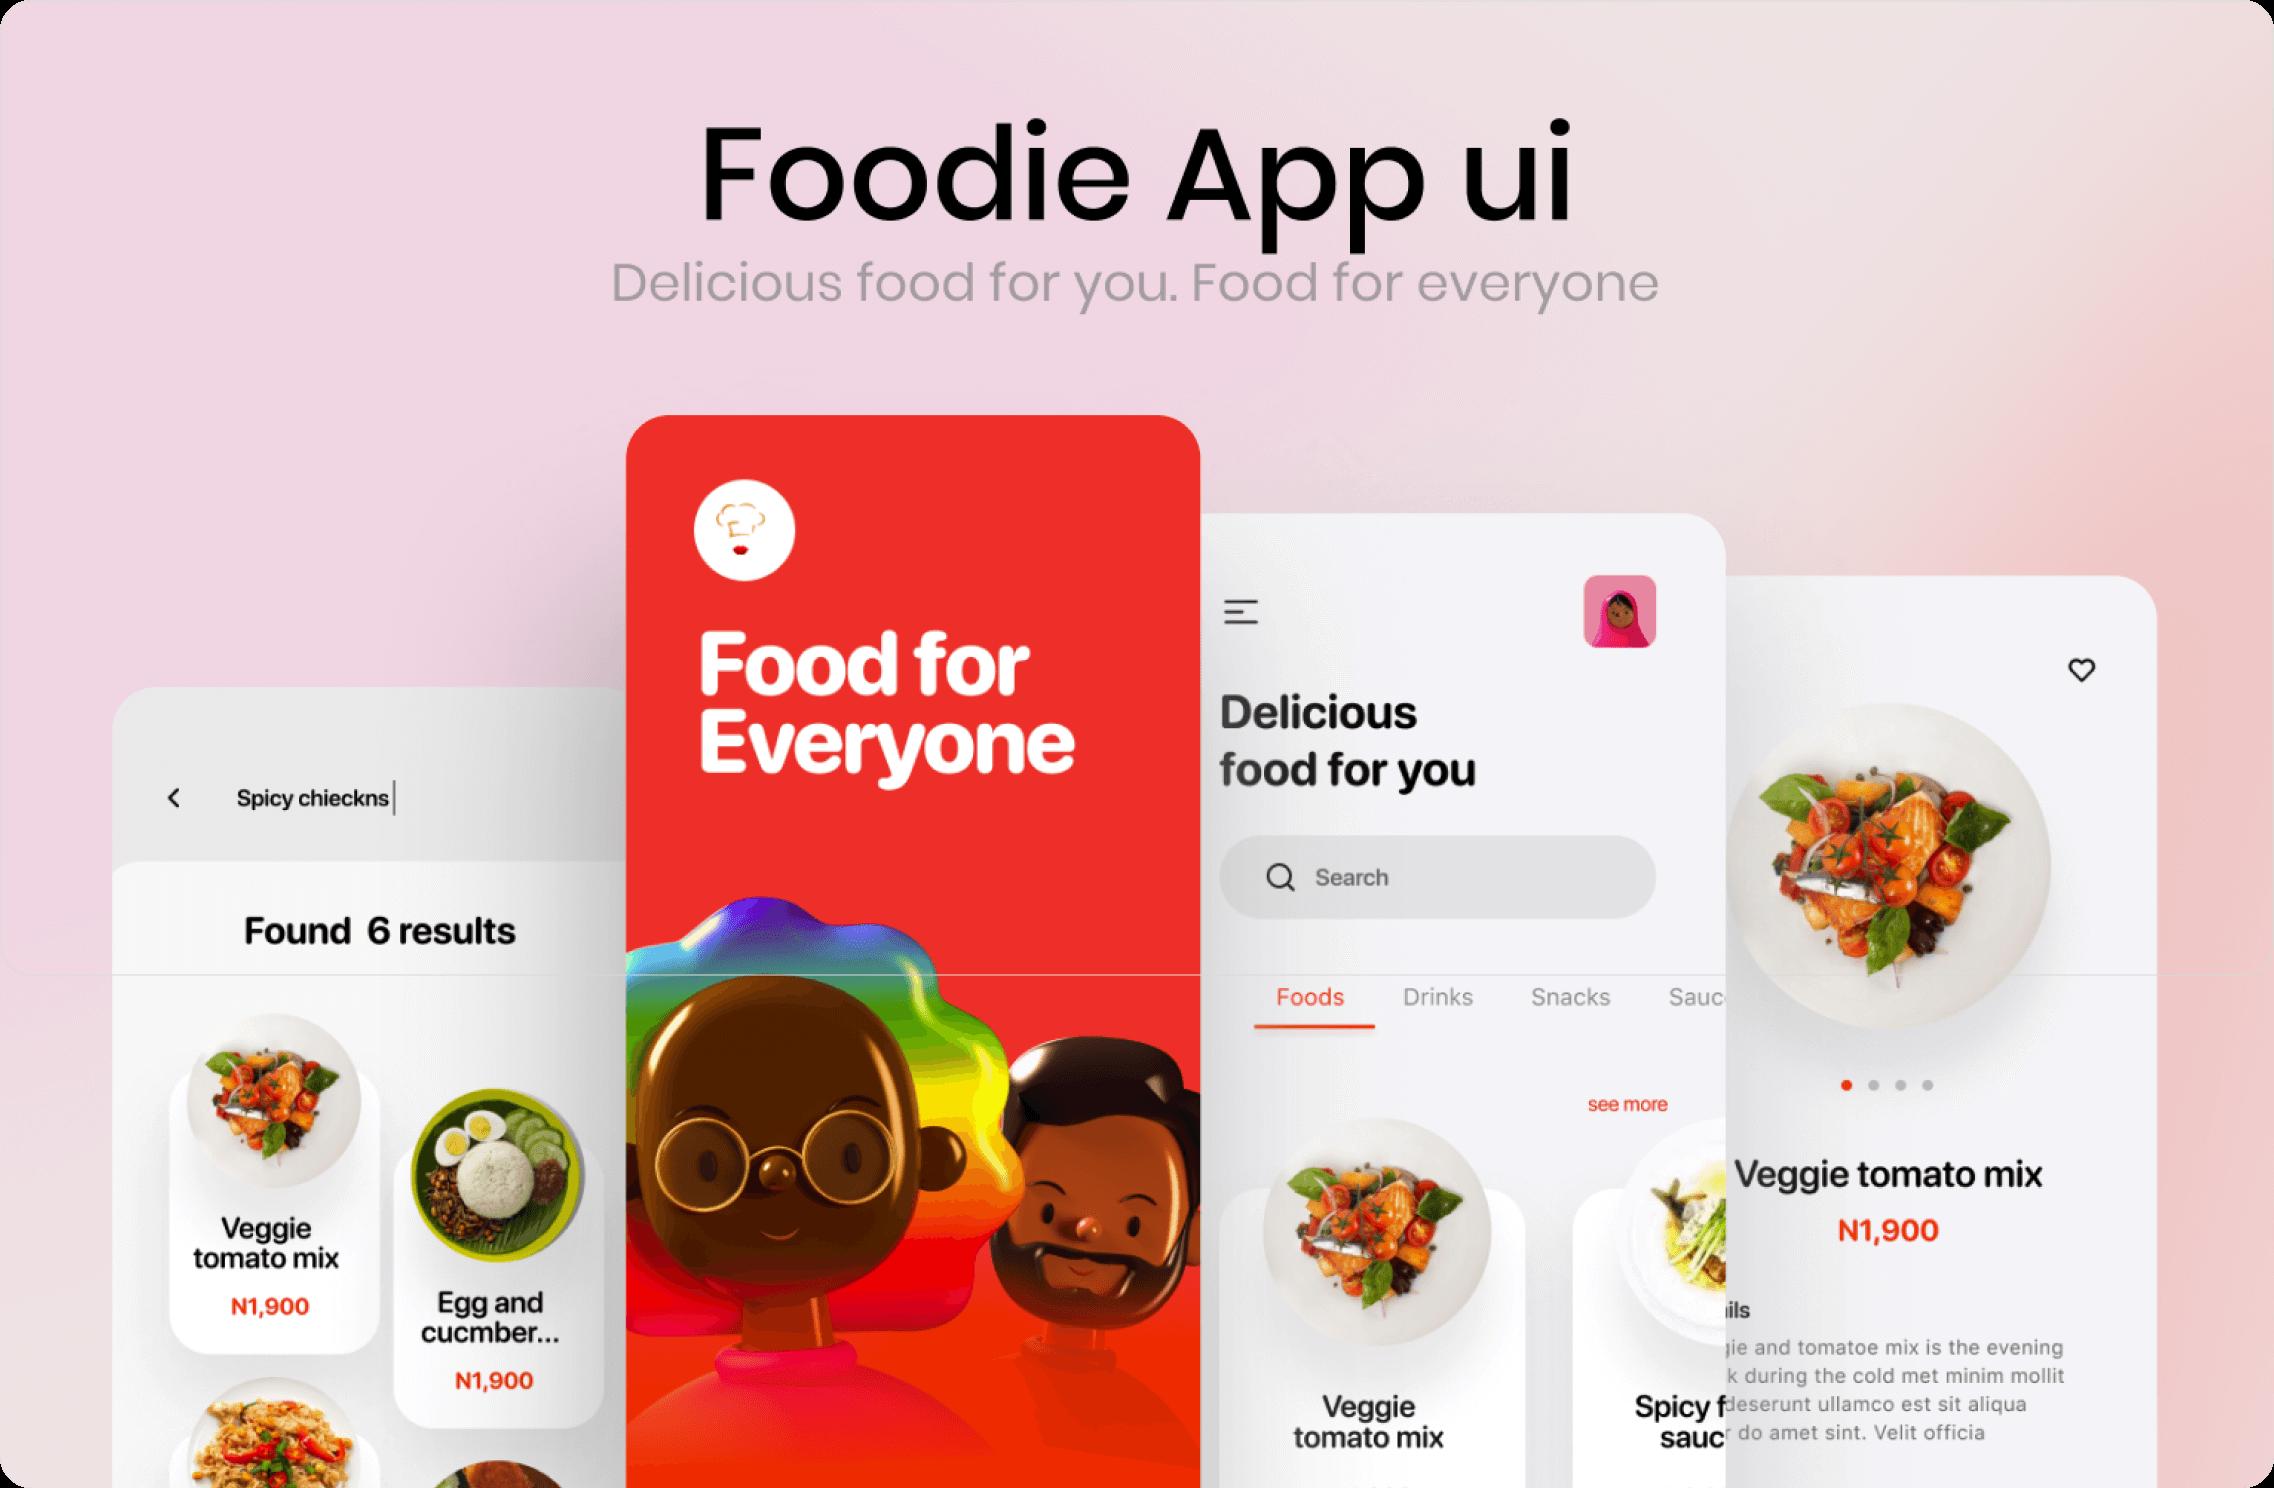 Foodie app ui sample mobile screens.